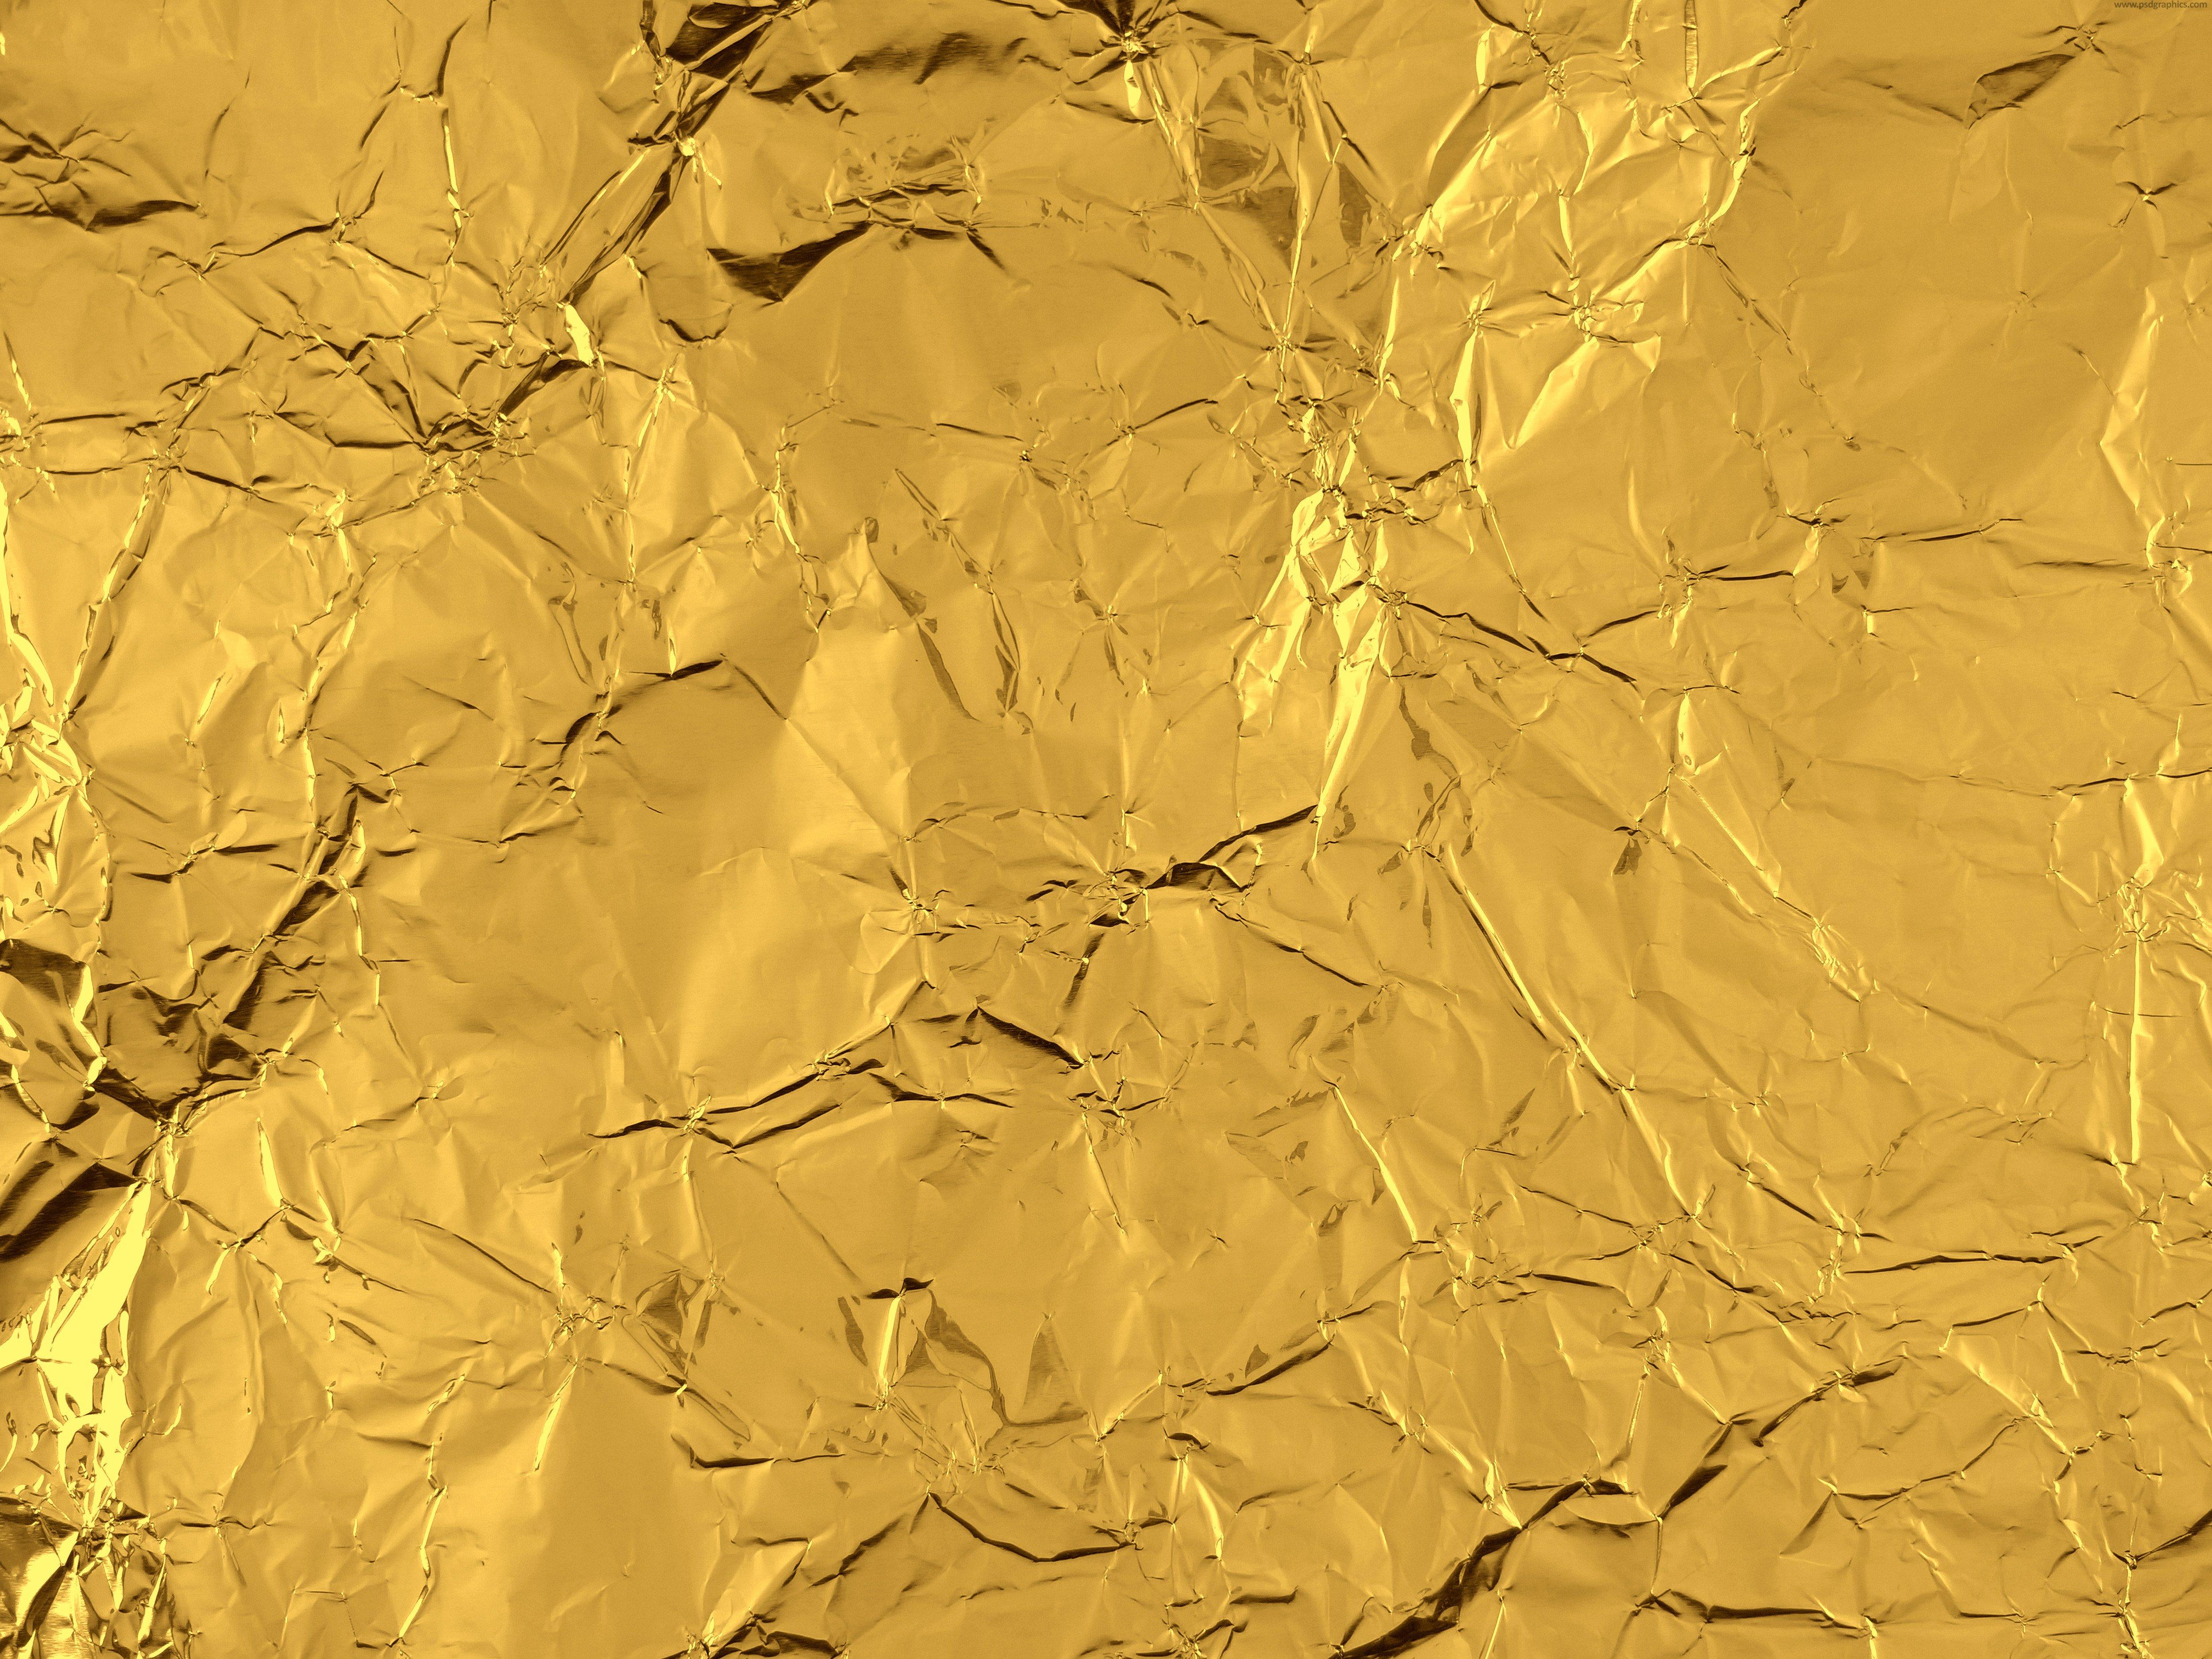 Gold Foil Texture Free Gold Foil Texture